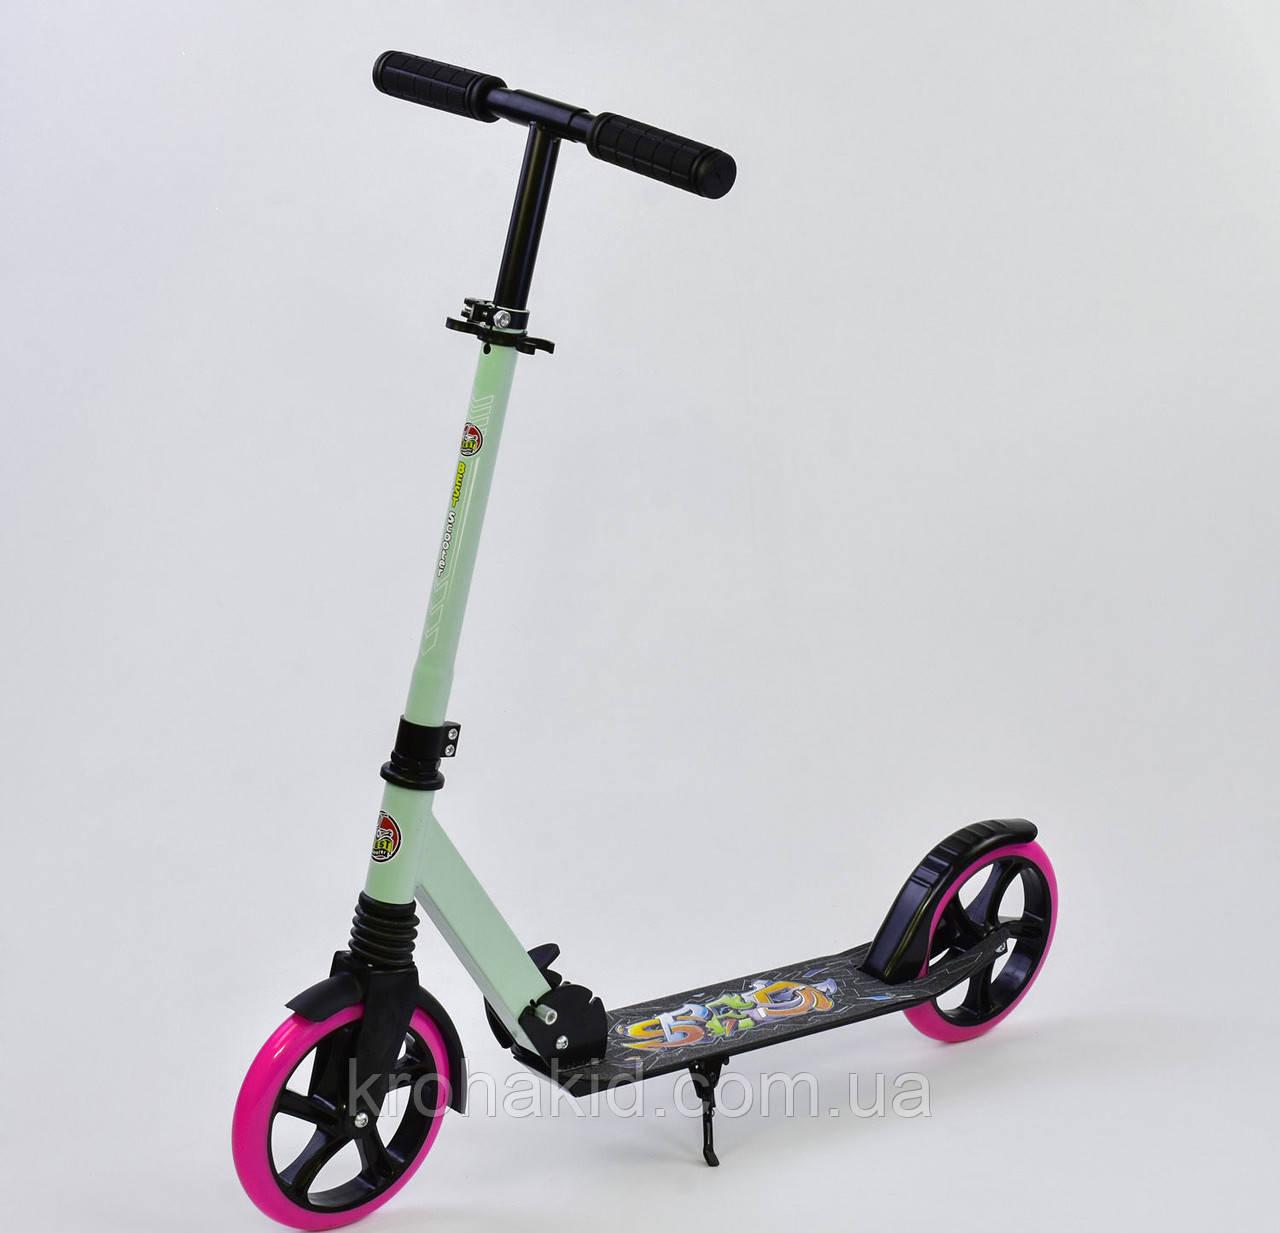 Детский самокат Бирюзовый двухколесный Best Scooter 00098, колеса PU 20 см, складывающийся, алюминиевый